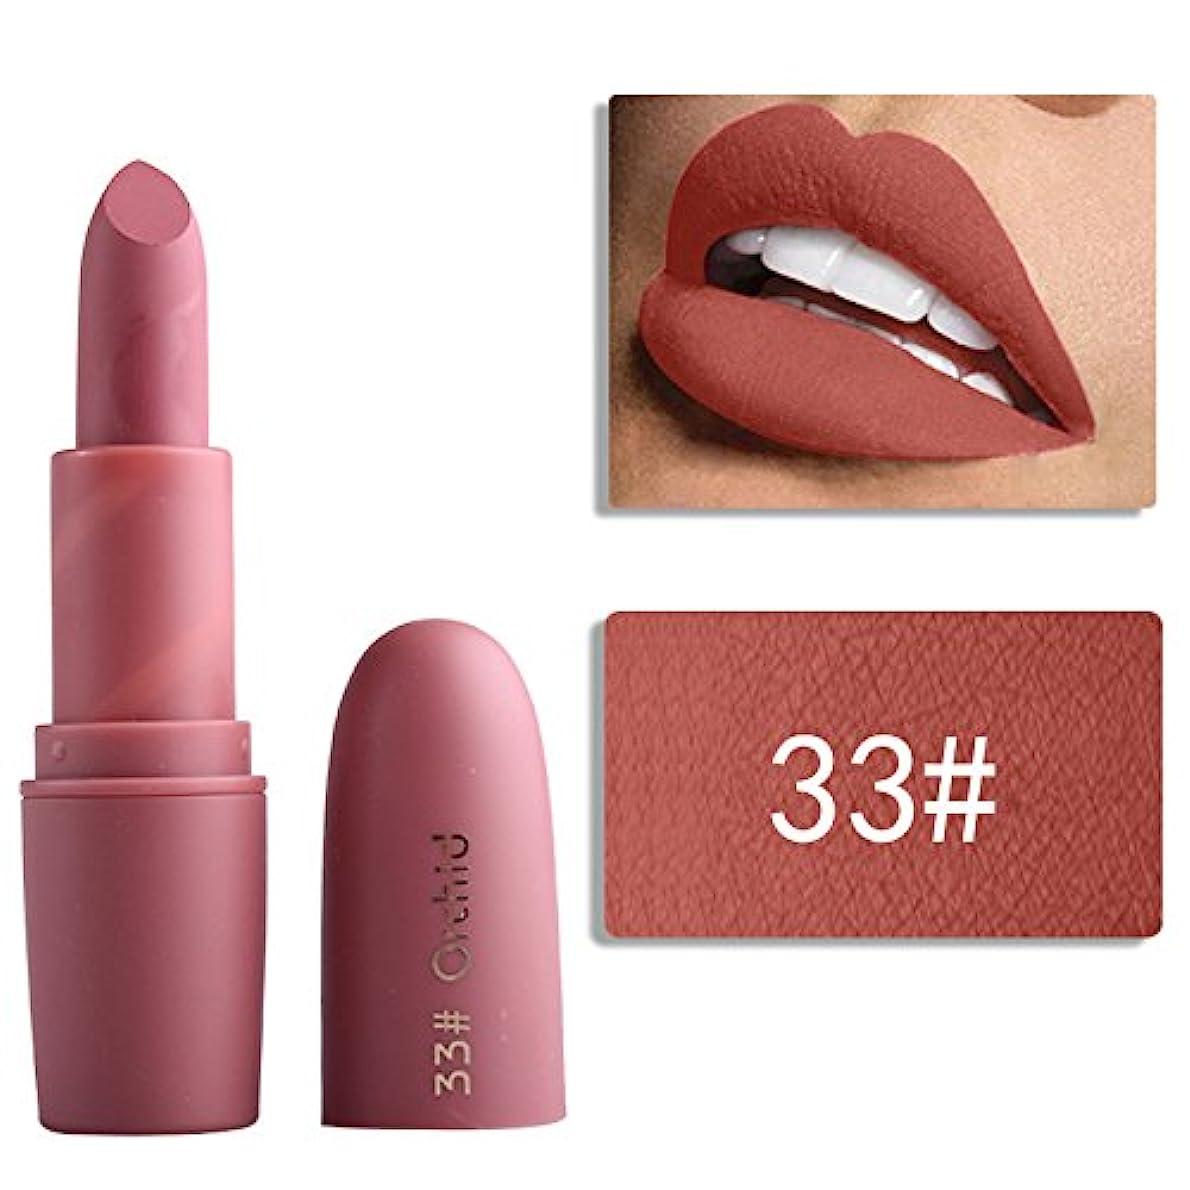 油インク開発Miss Rose Nude Lipstick 22 colors Waterproof Vampire Brown Beauty Baby Lips Batom Matte lipstick Makeup Tats Eugenie...